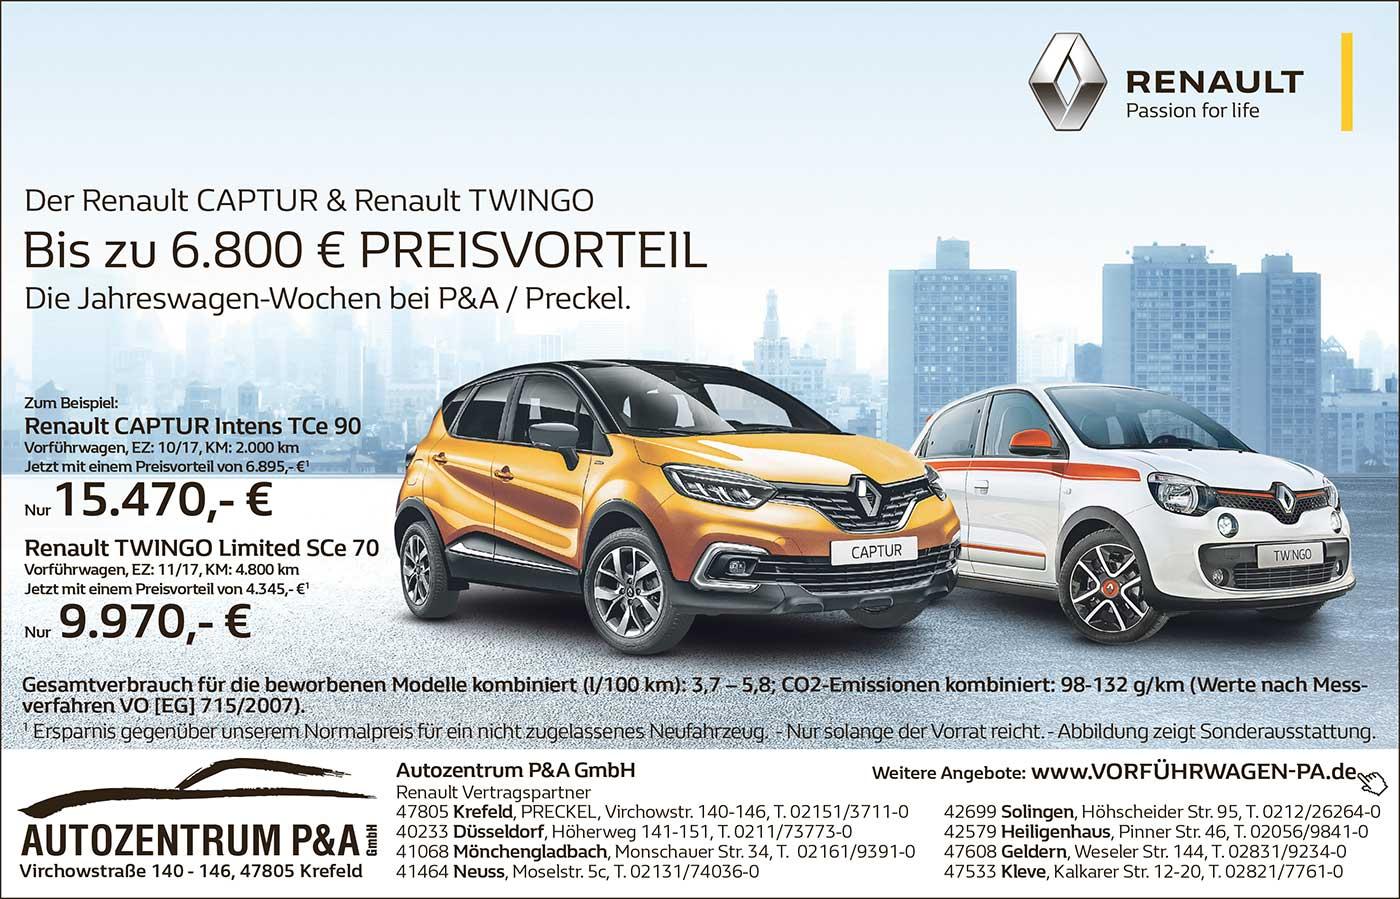 Jetzt bei P&A-Preckel: Renault Captur im Angebot